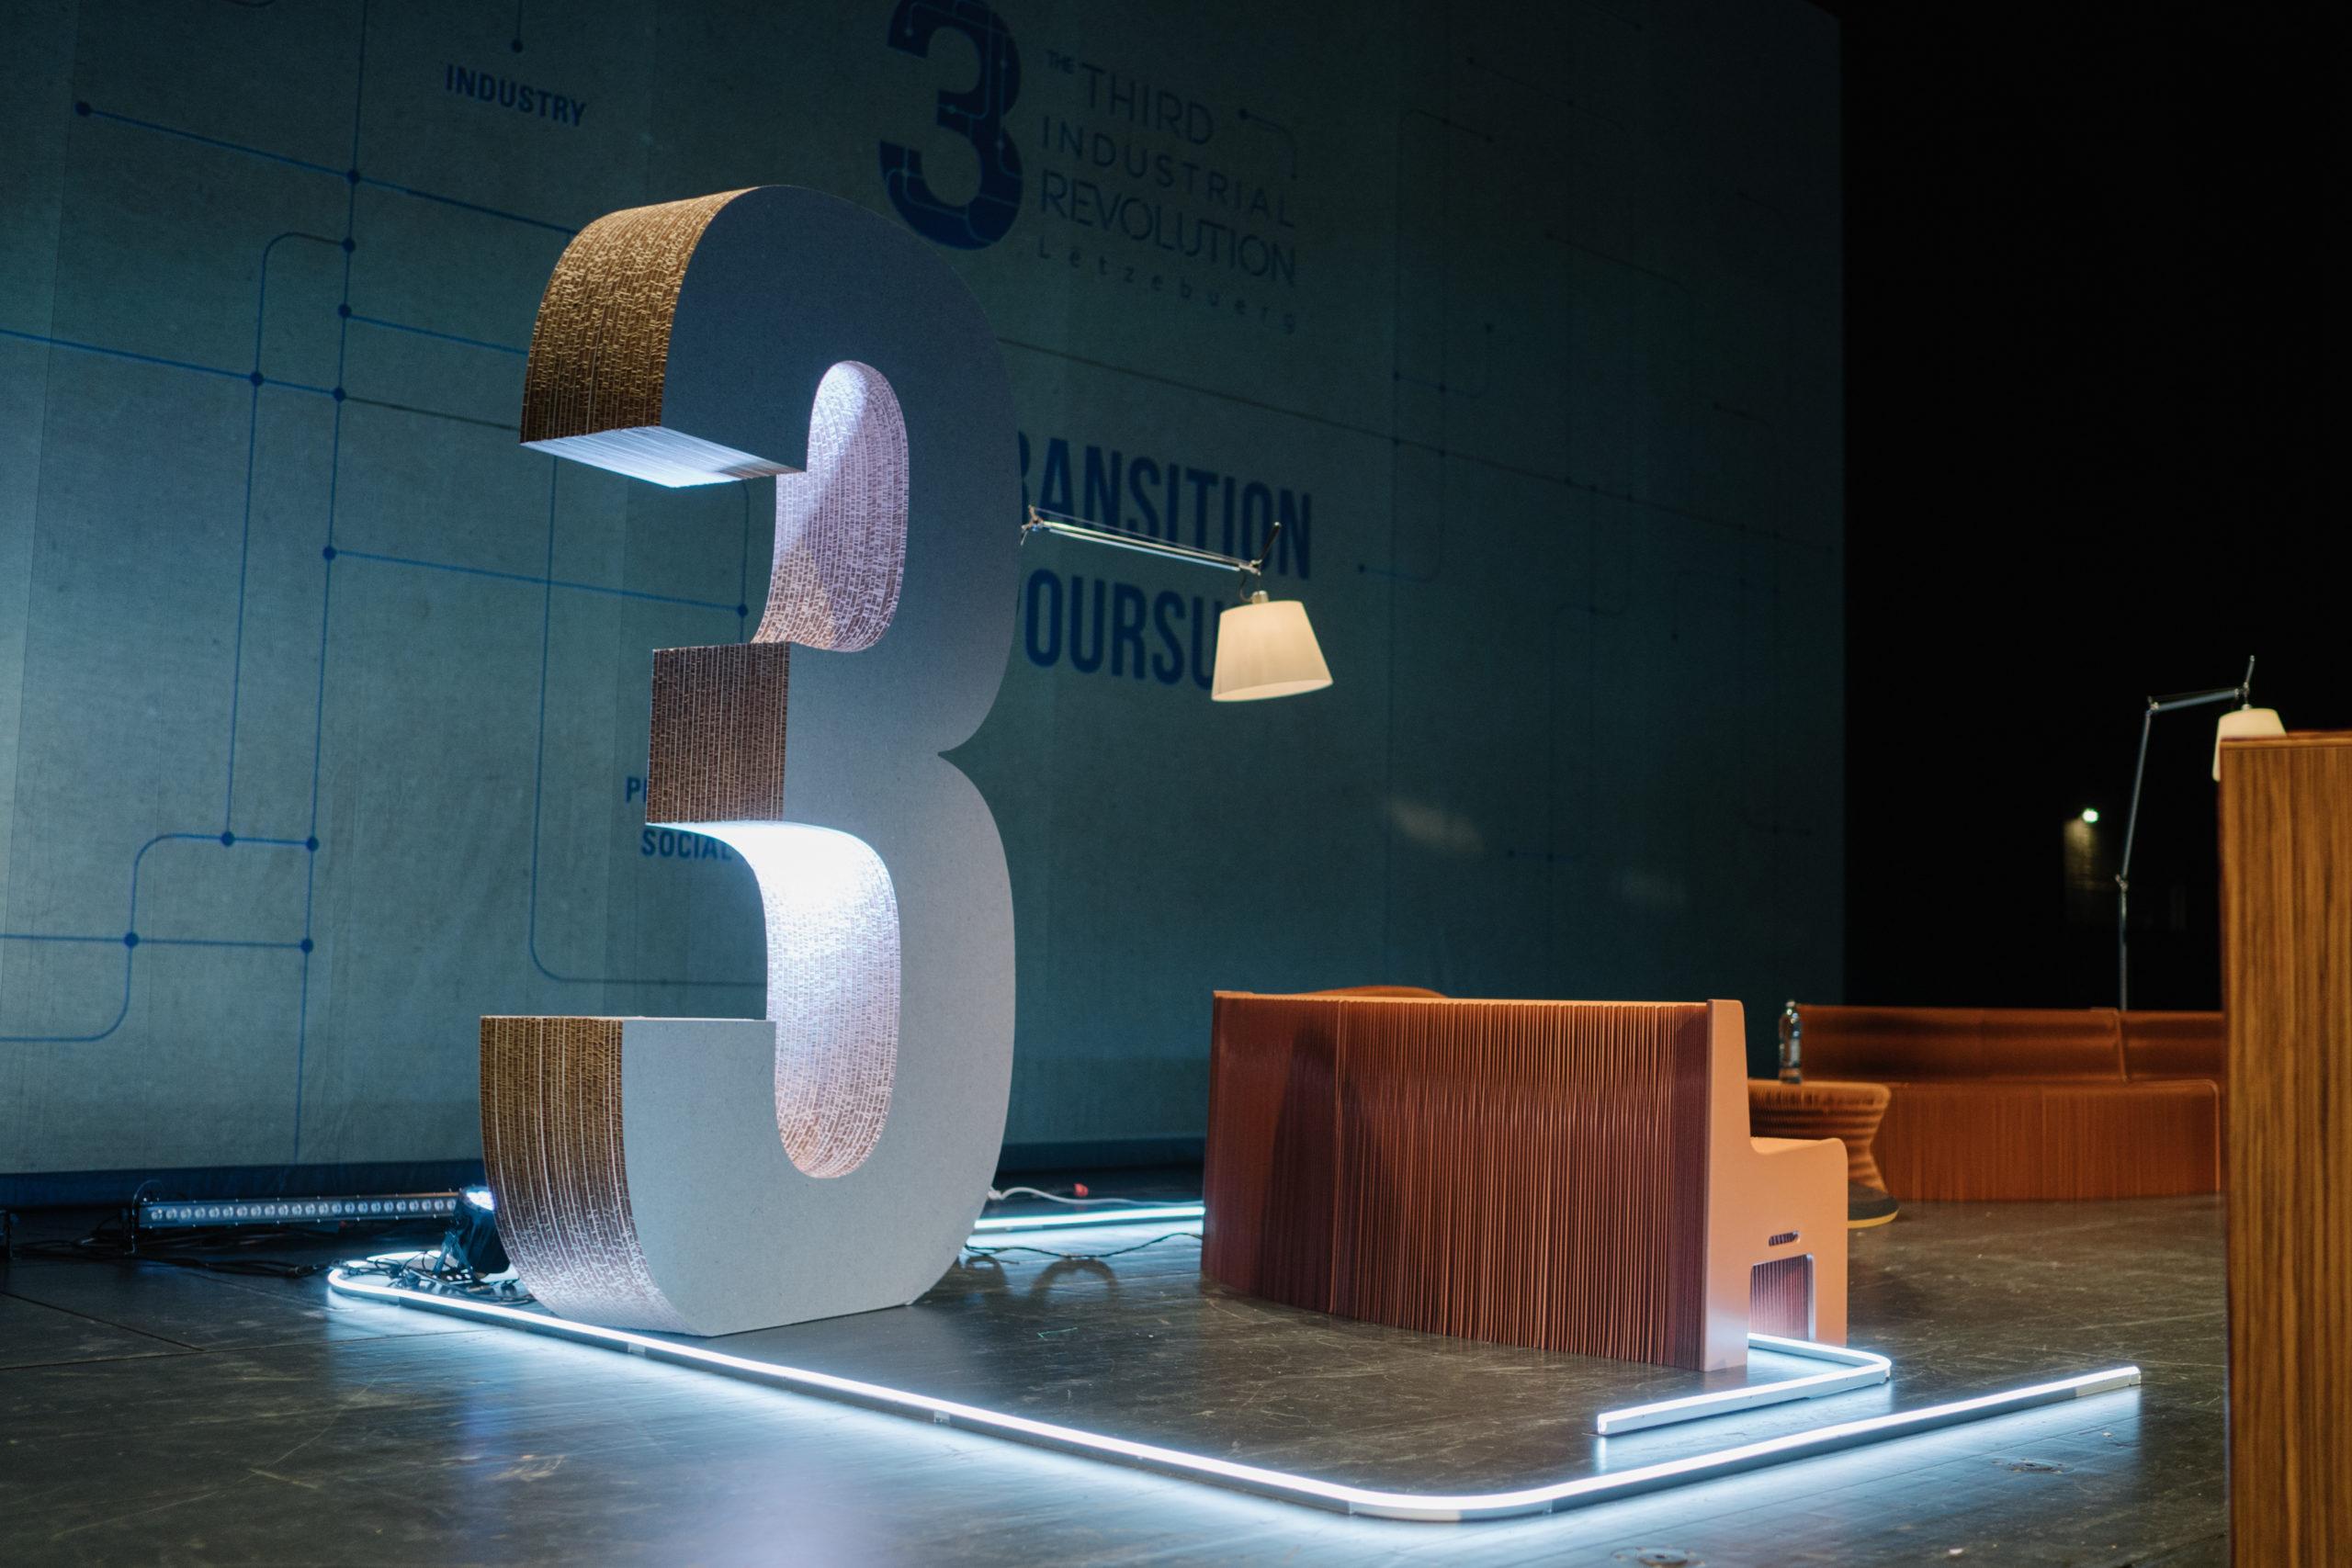 Shine a light agence évènementielle luxembourg - créateur d'expériences immersives - Myenergy Conférence Tir+3